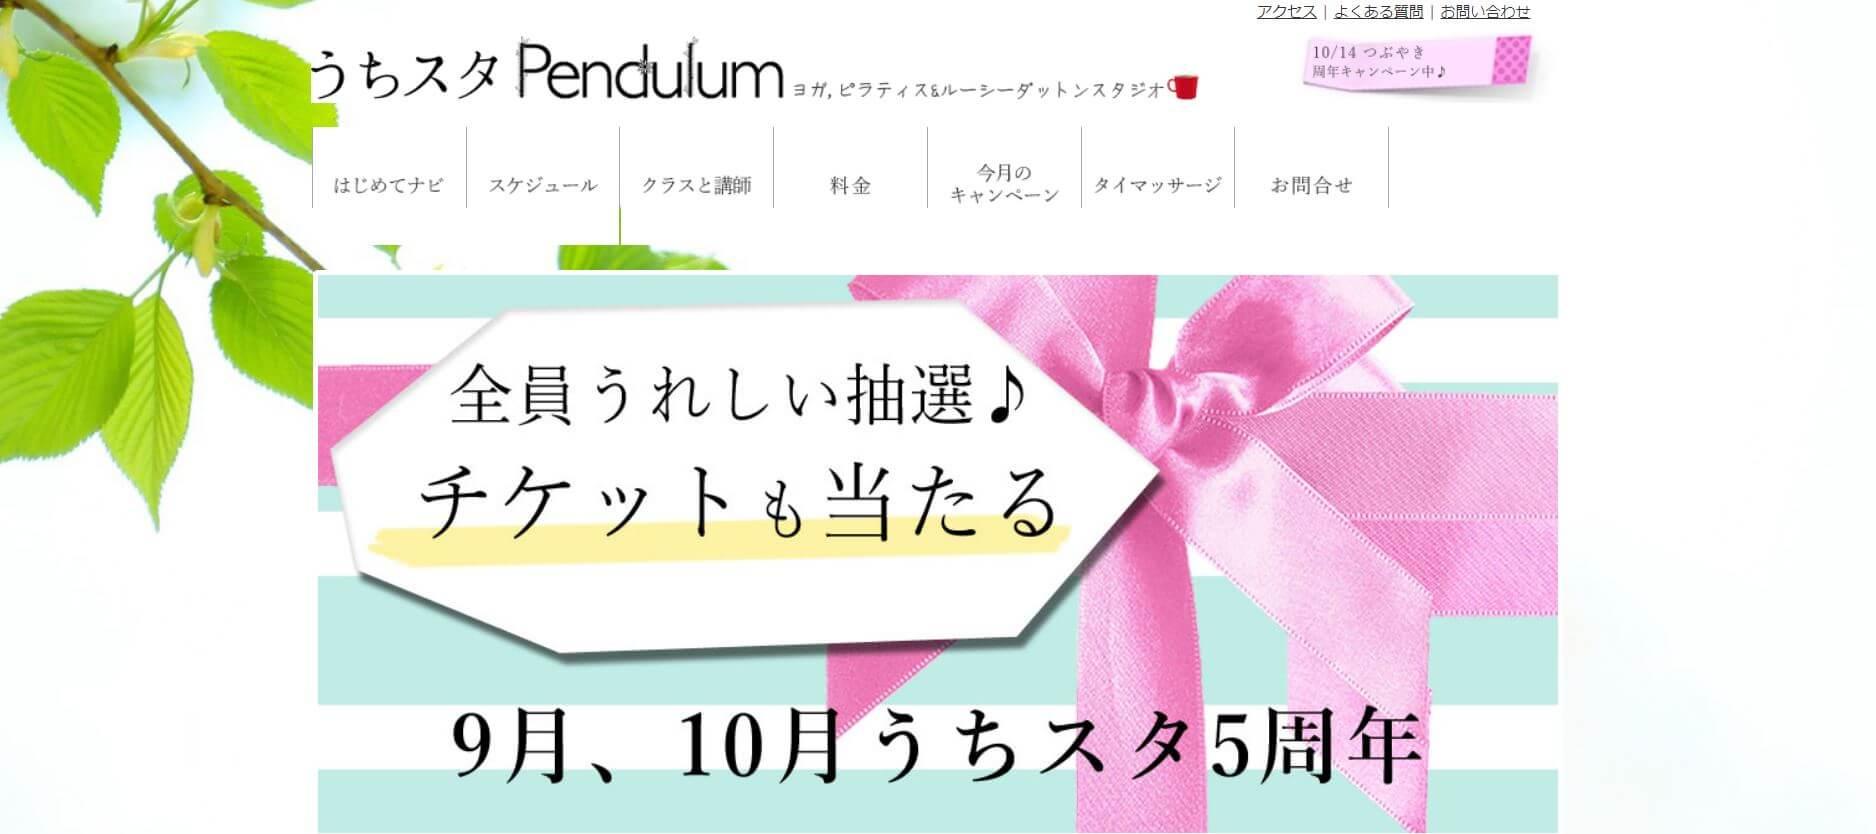 うちスタPendulumⅡ(ペンデュラム Ⅱ)